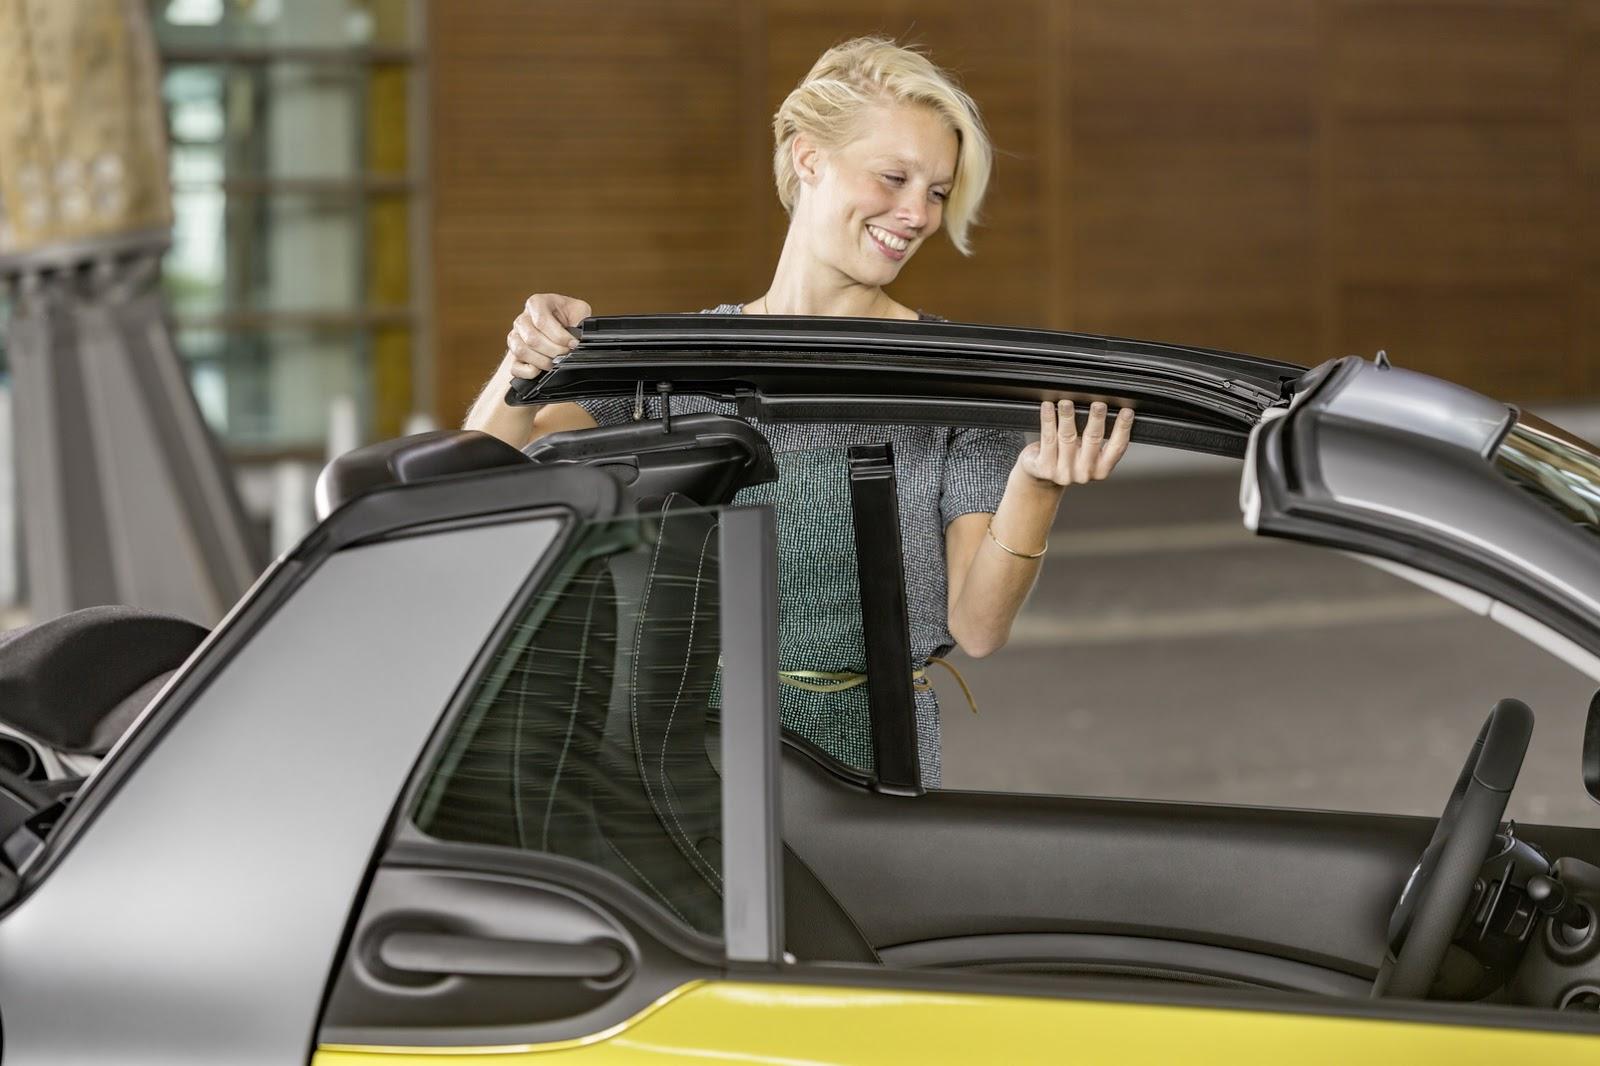 Tất cả các bản trang bị của Smart ForTwo Cabriolet đều sử dụng mui nỉ có thể đóng tự động trong thời gian 12 giây. Tuy nhiên, nếu muốn hít thở khí trời, bạn phải dùng tay để tháo mui nỉ của Smart ForTwo Cabriolet...